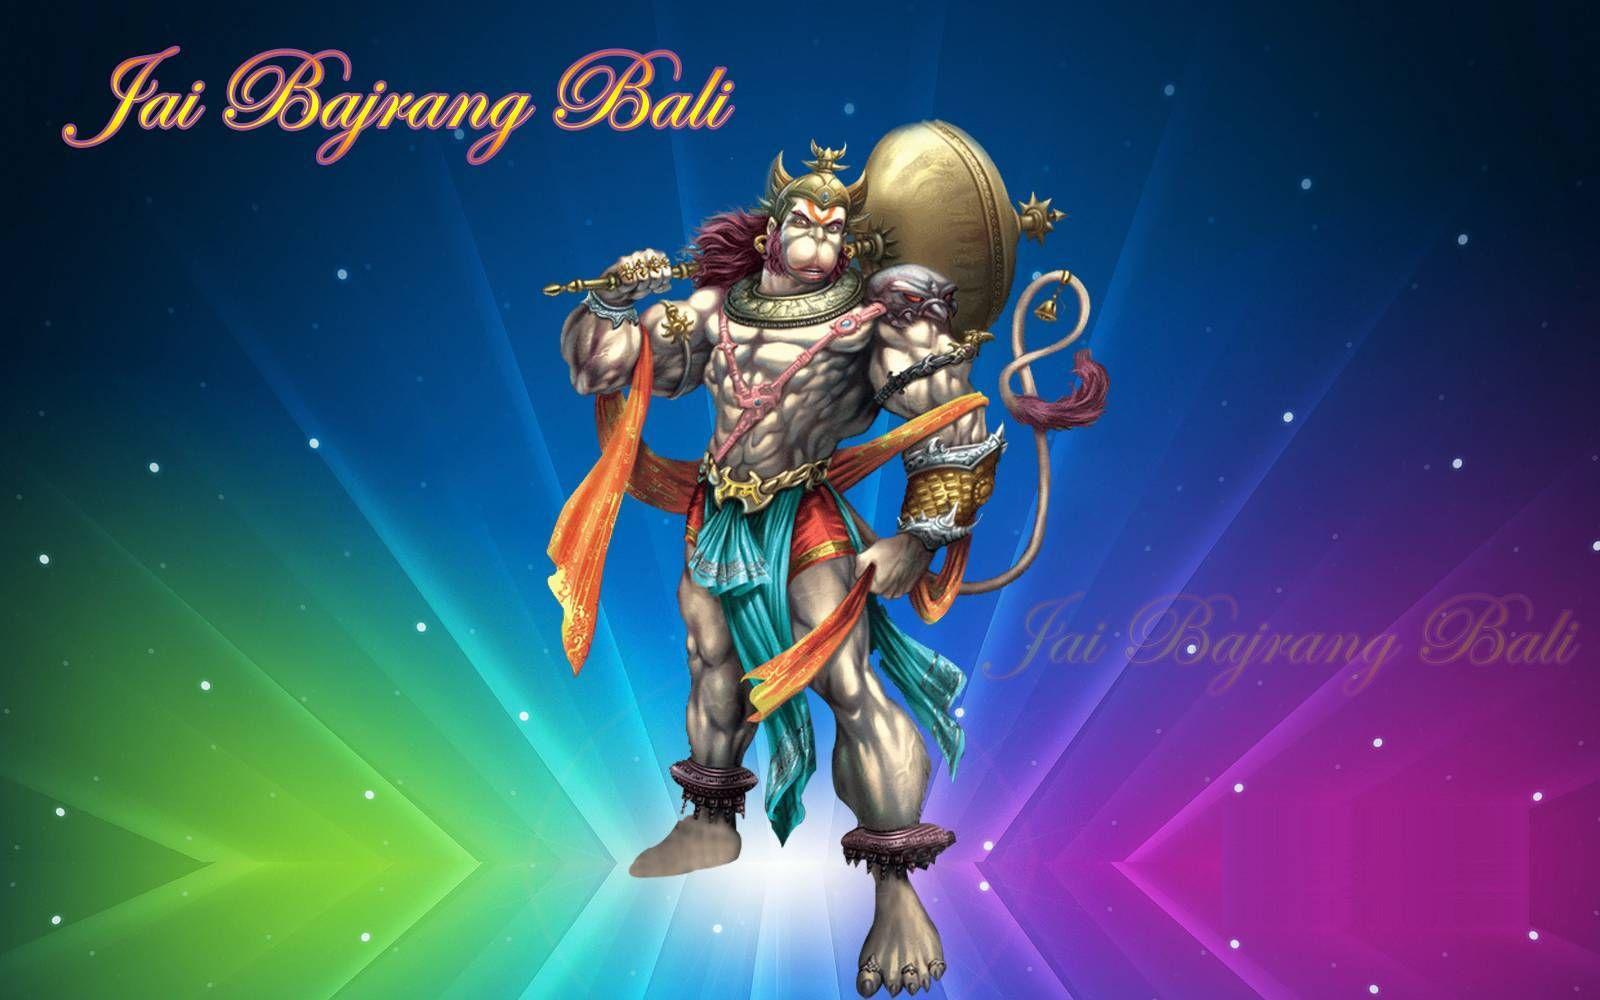 Wallpaper download 3d - Bajrang Bali Hanuman 3d Wallpaper Download